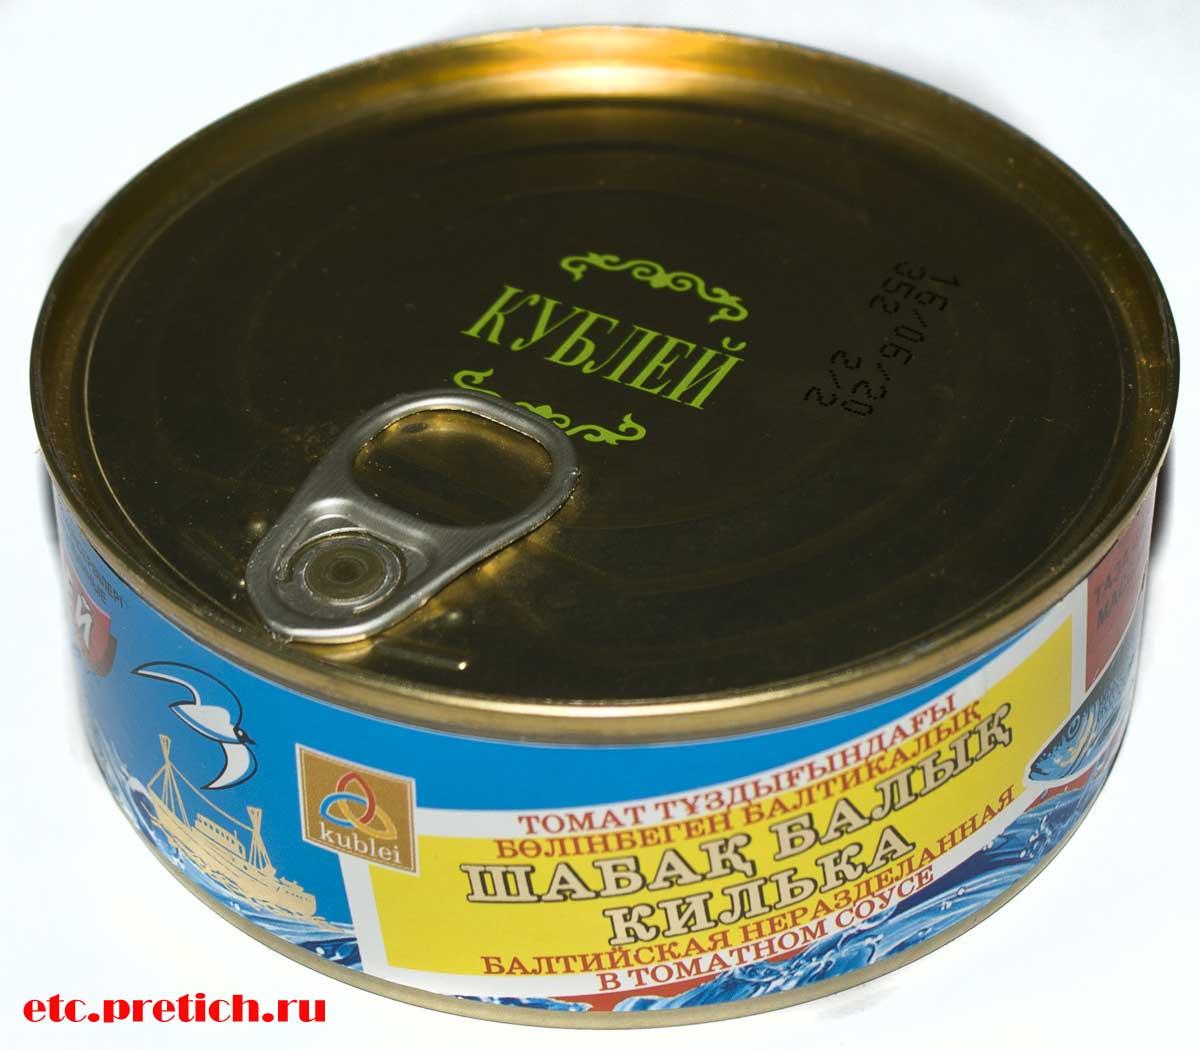 Килька в томатном соусе Кублей, Казахстан - отзыв и впечатление